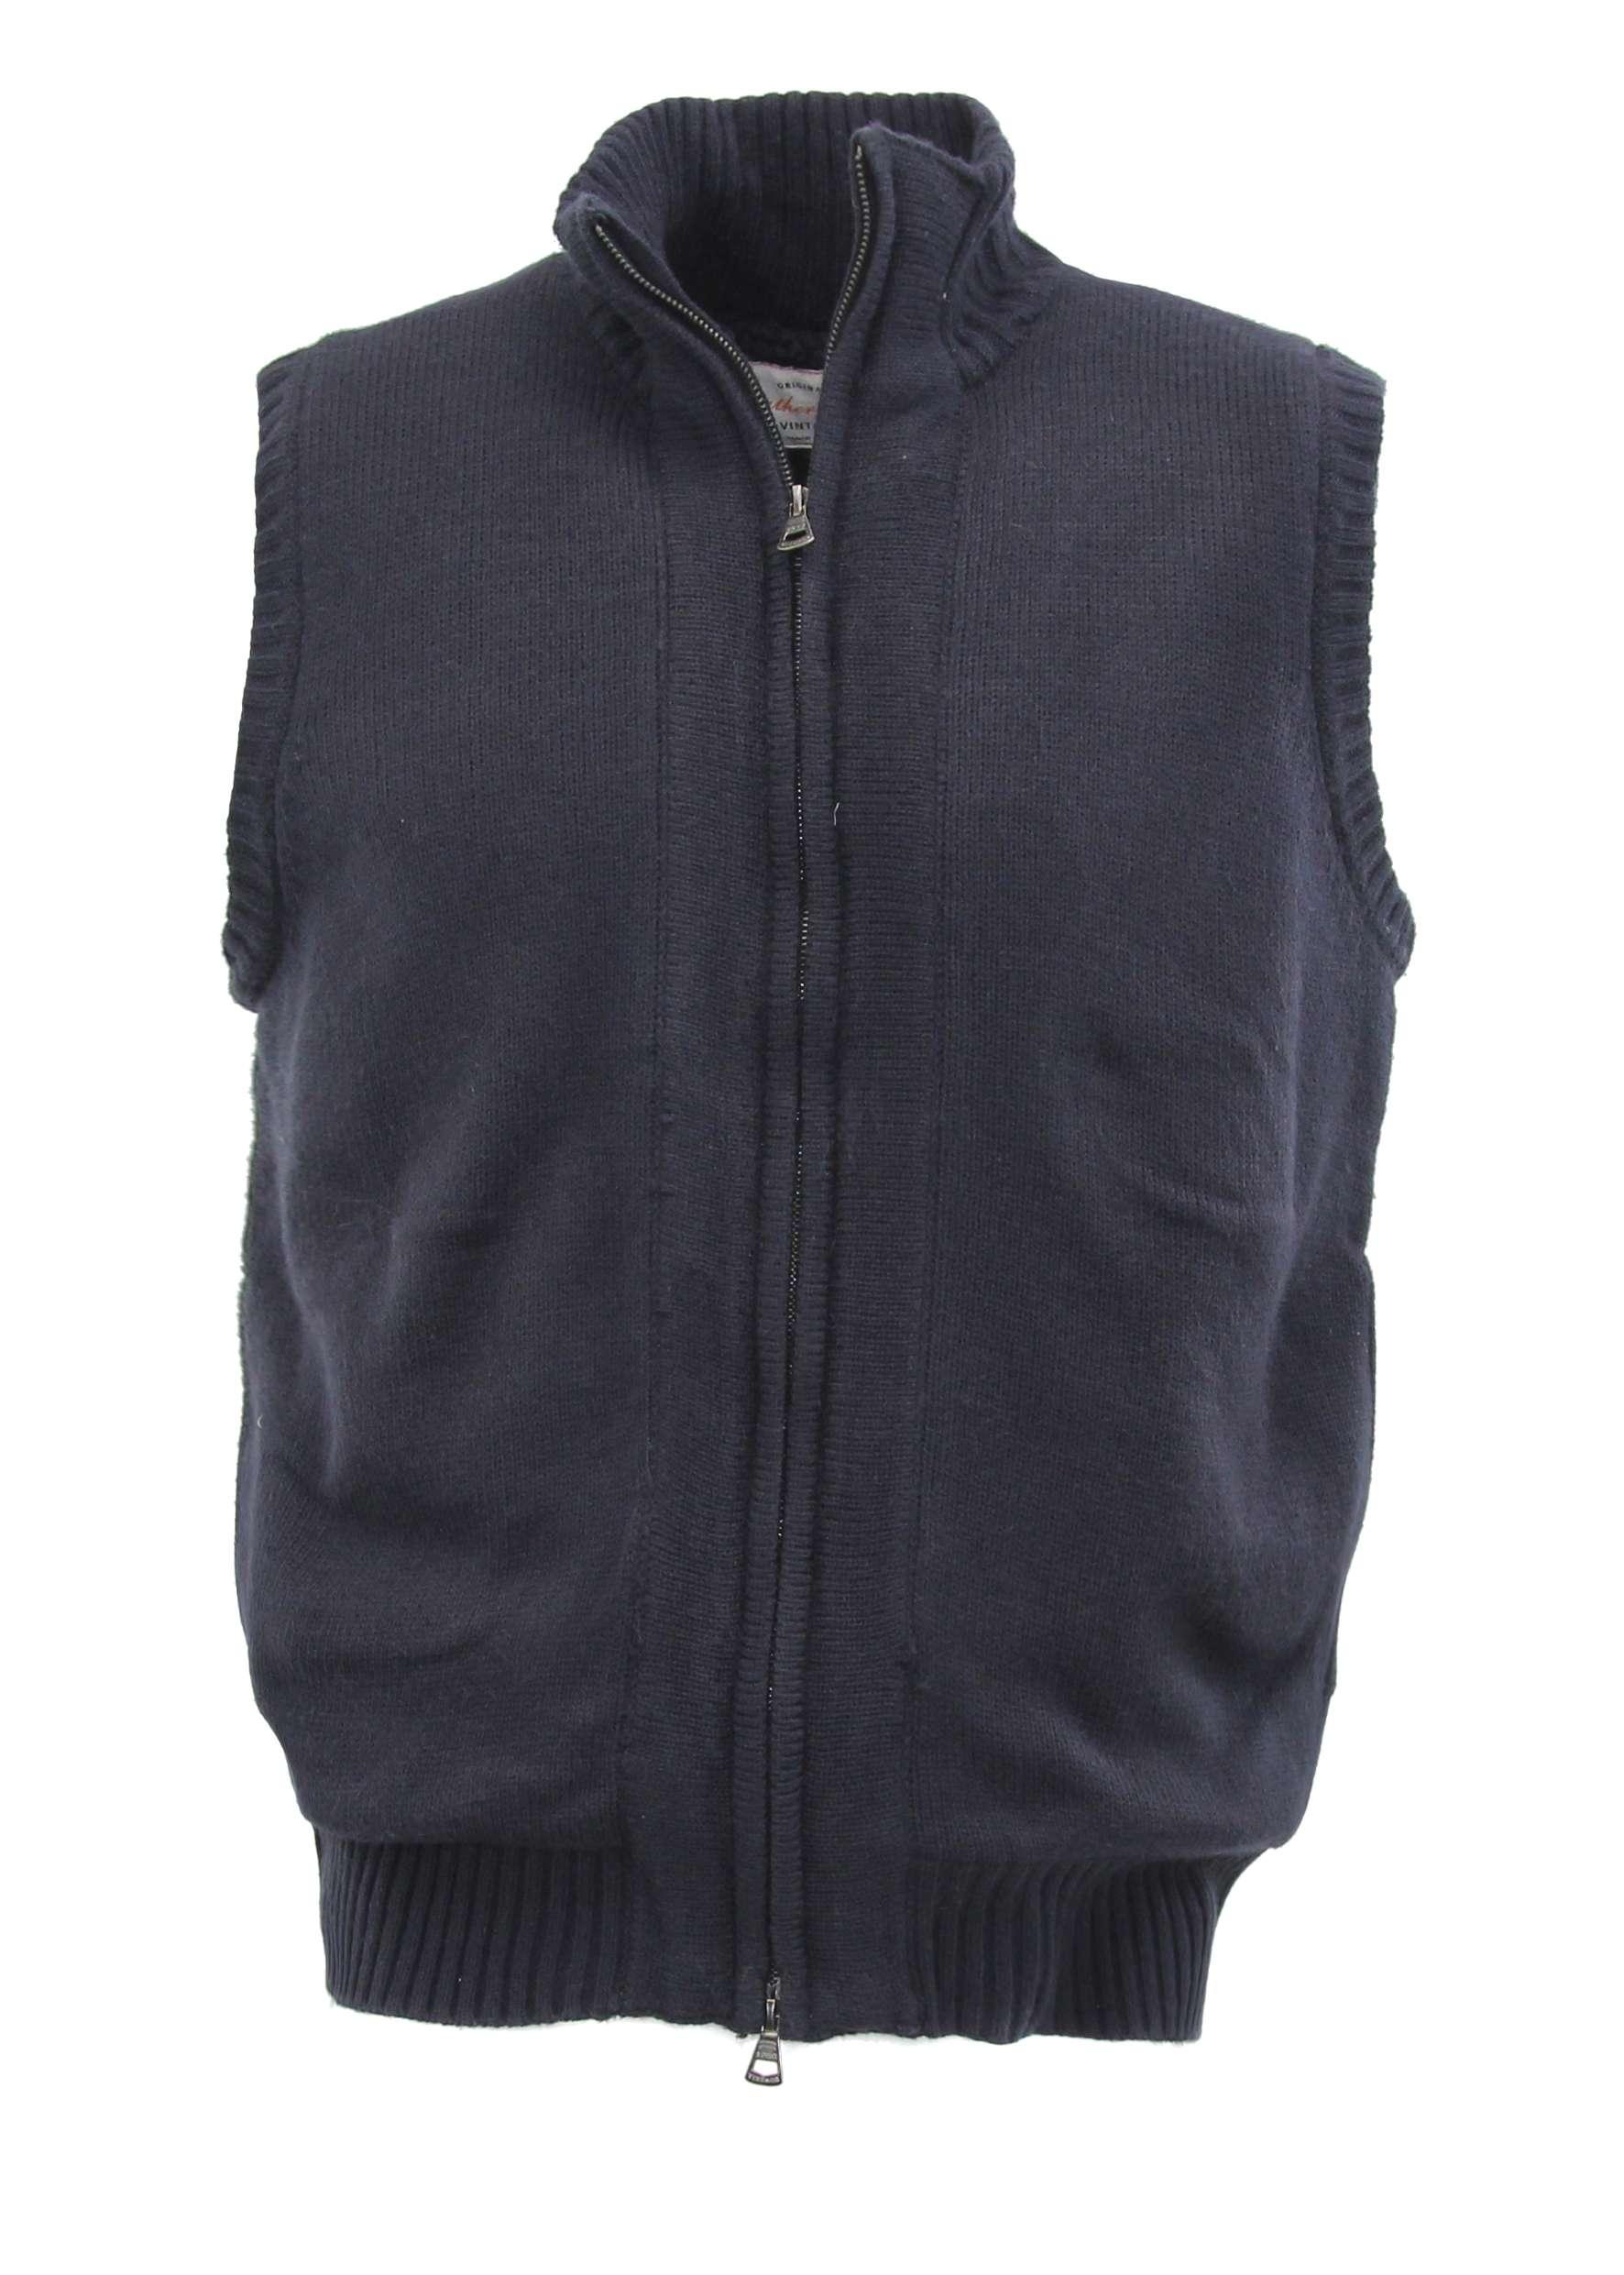 Weatherproof vintage men 39 s fleece lined sweater vest ebay for Weatherproof vintage men s lightweight flannel shirt